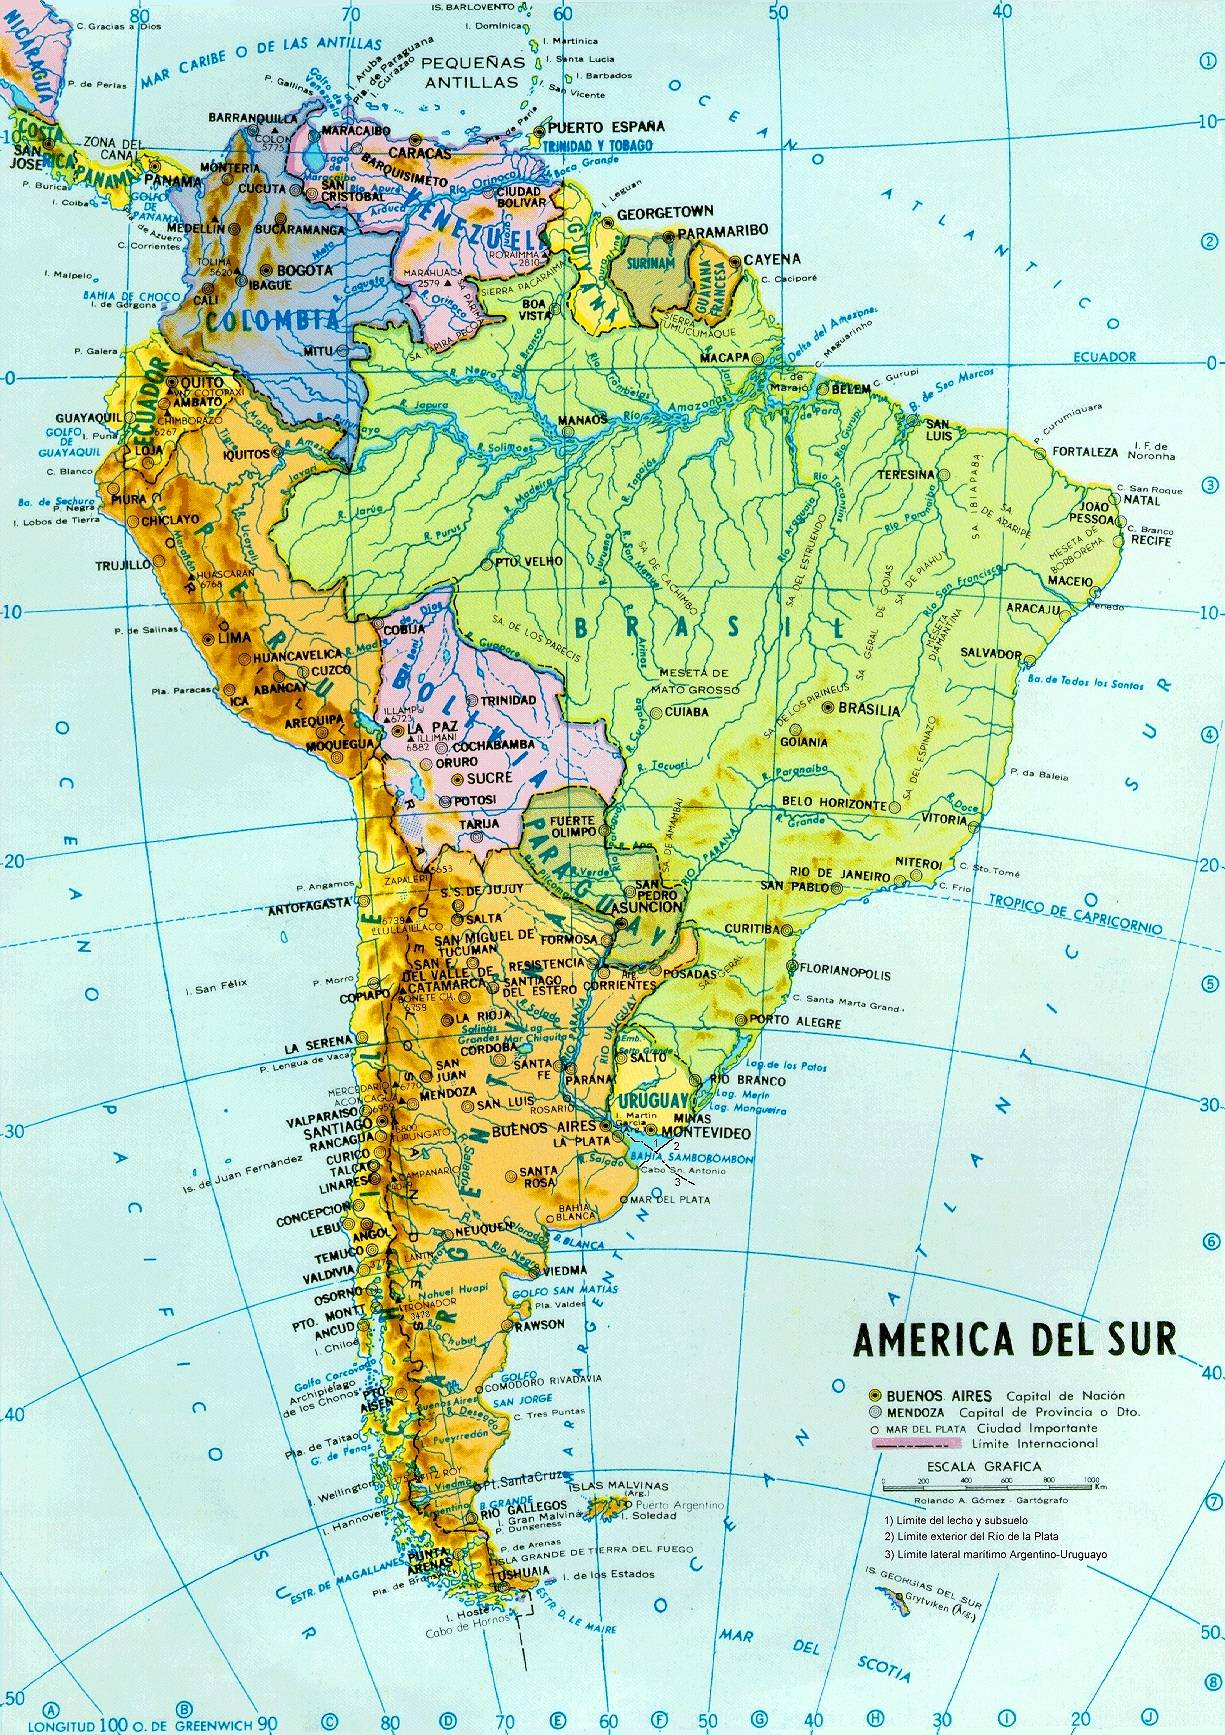 mapa_sud_america_marcelo_gullo